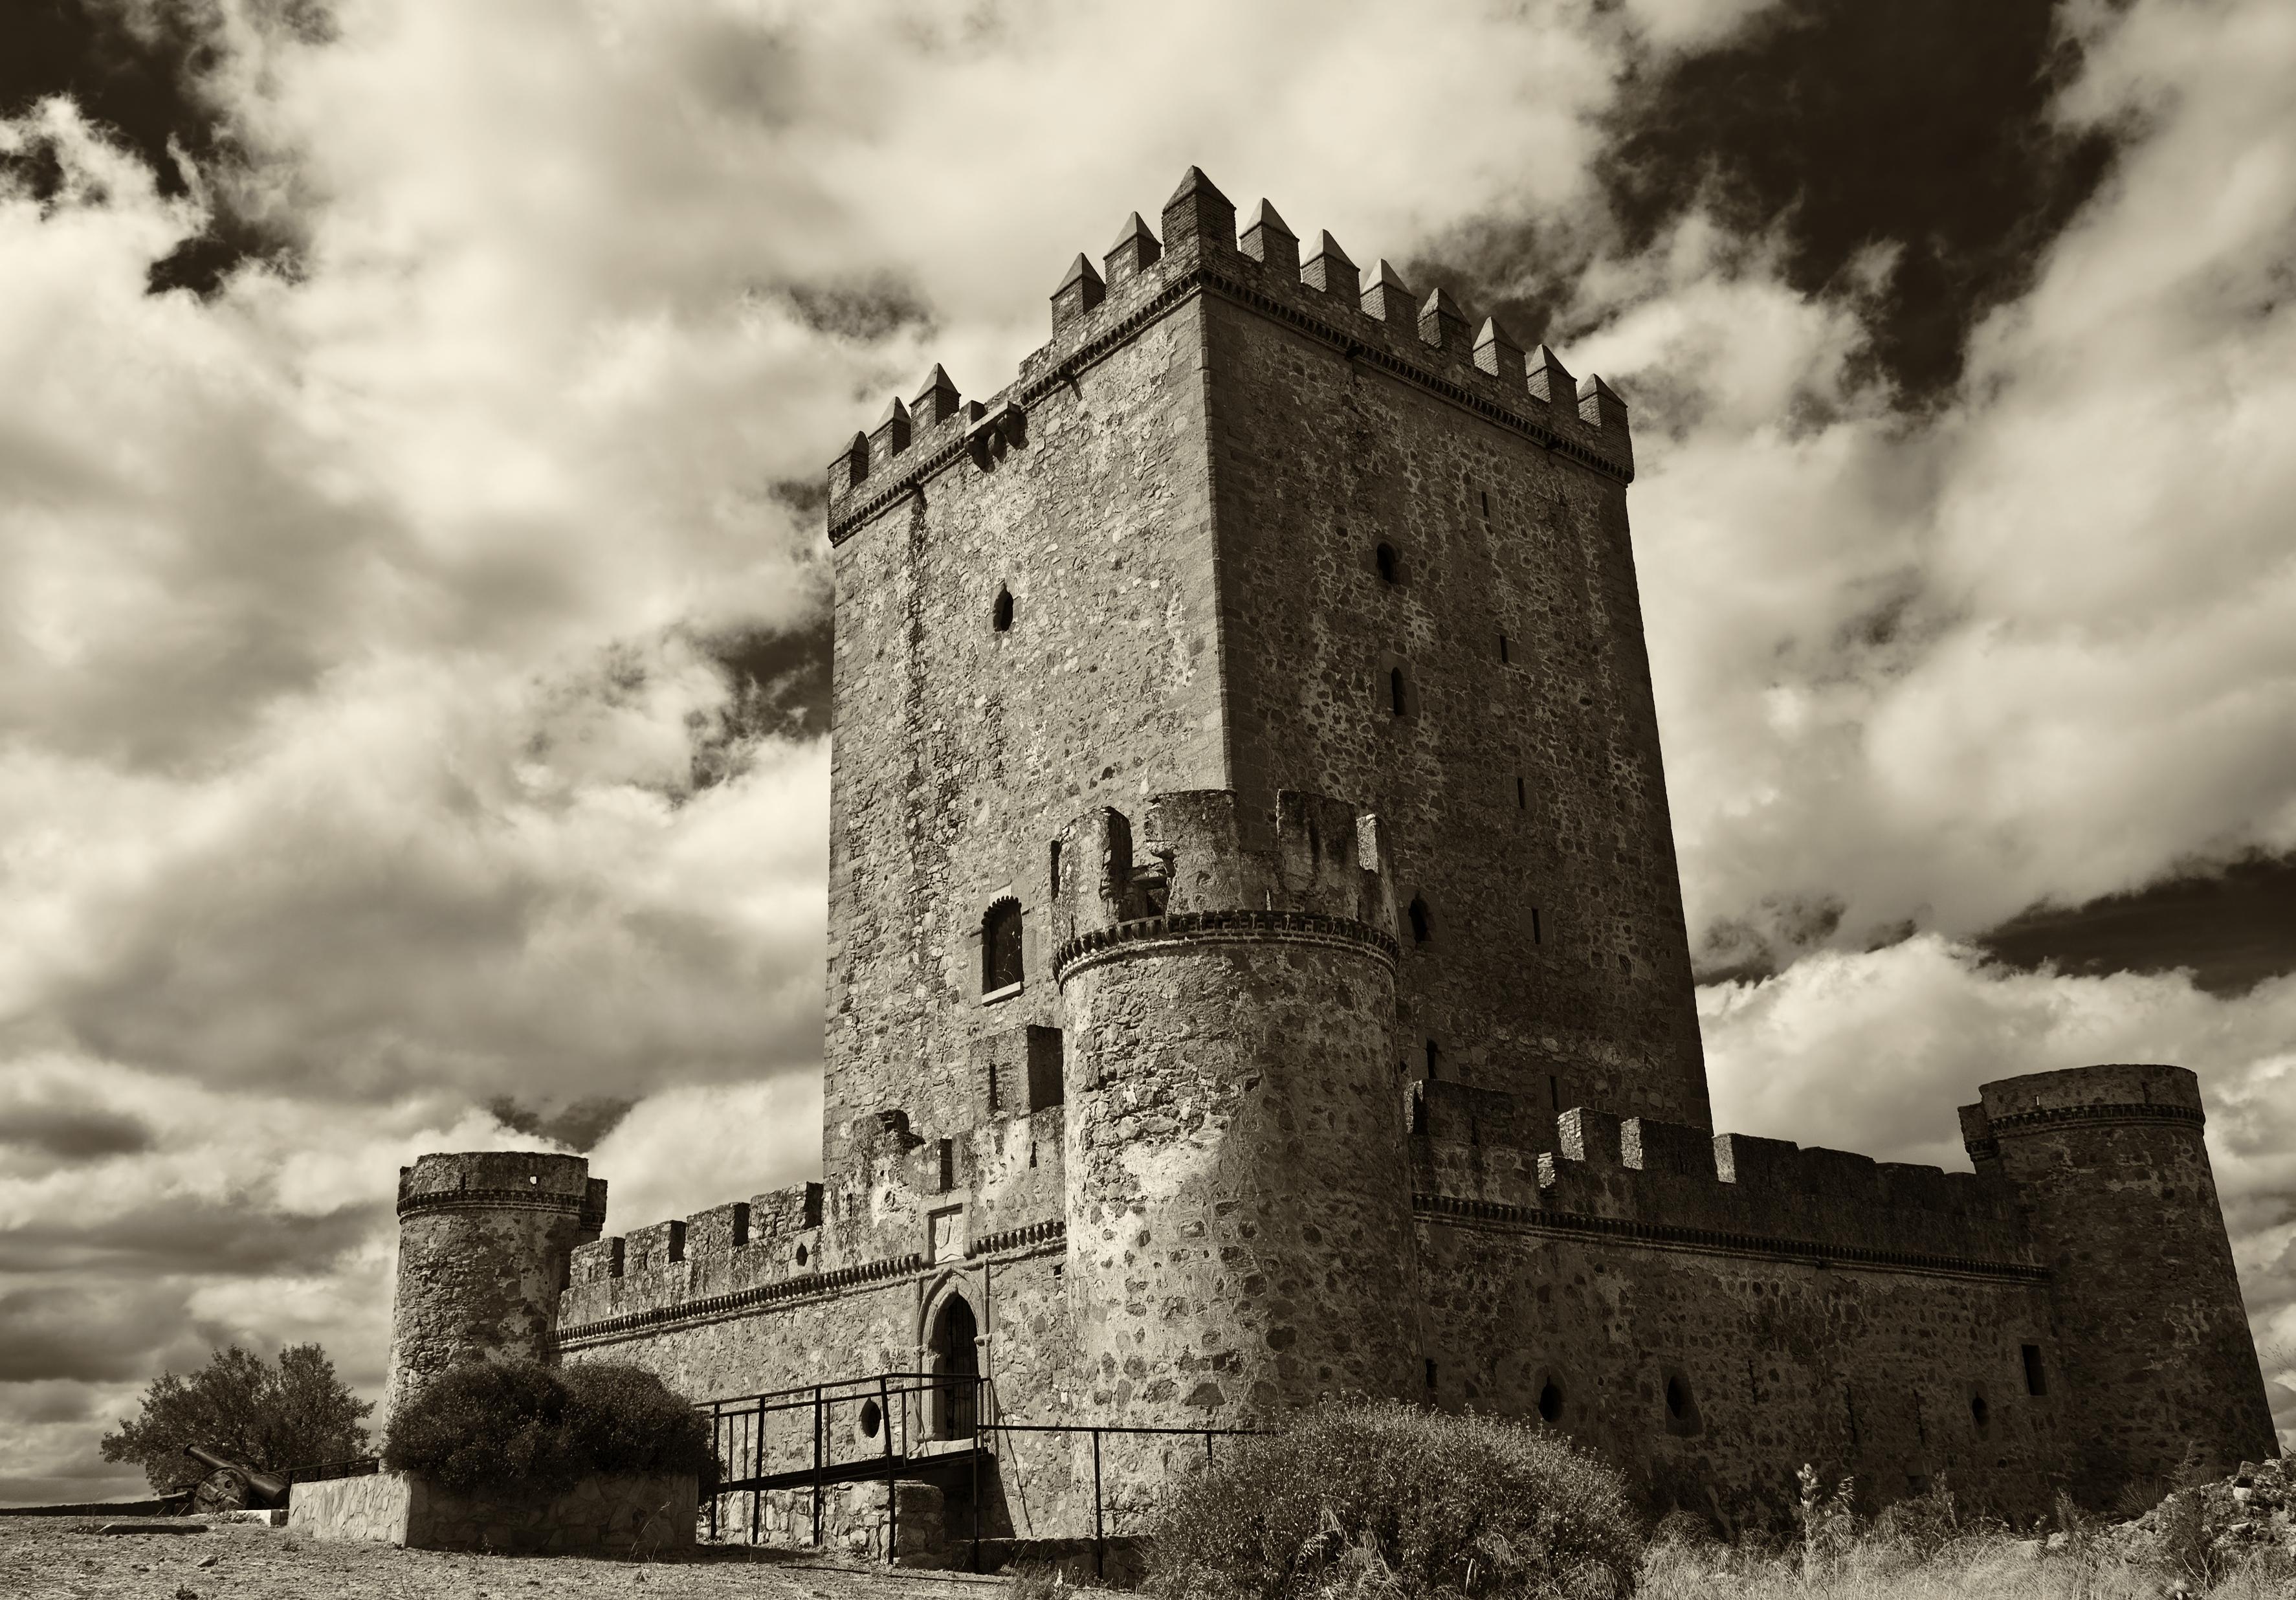 десять фотографии старых замков и башен увидели, успели запечатлеть